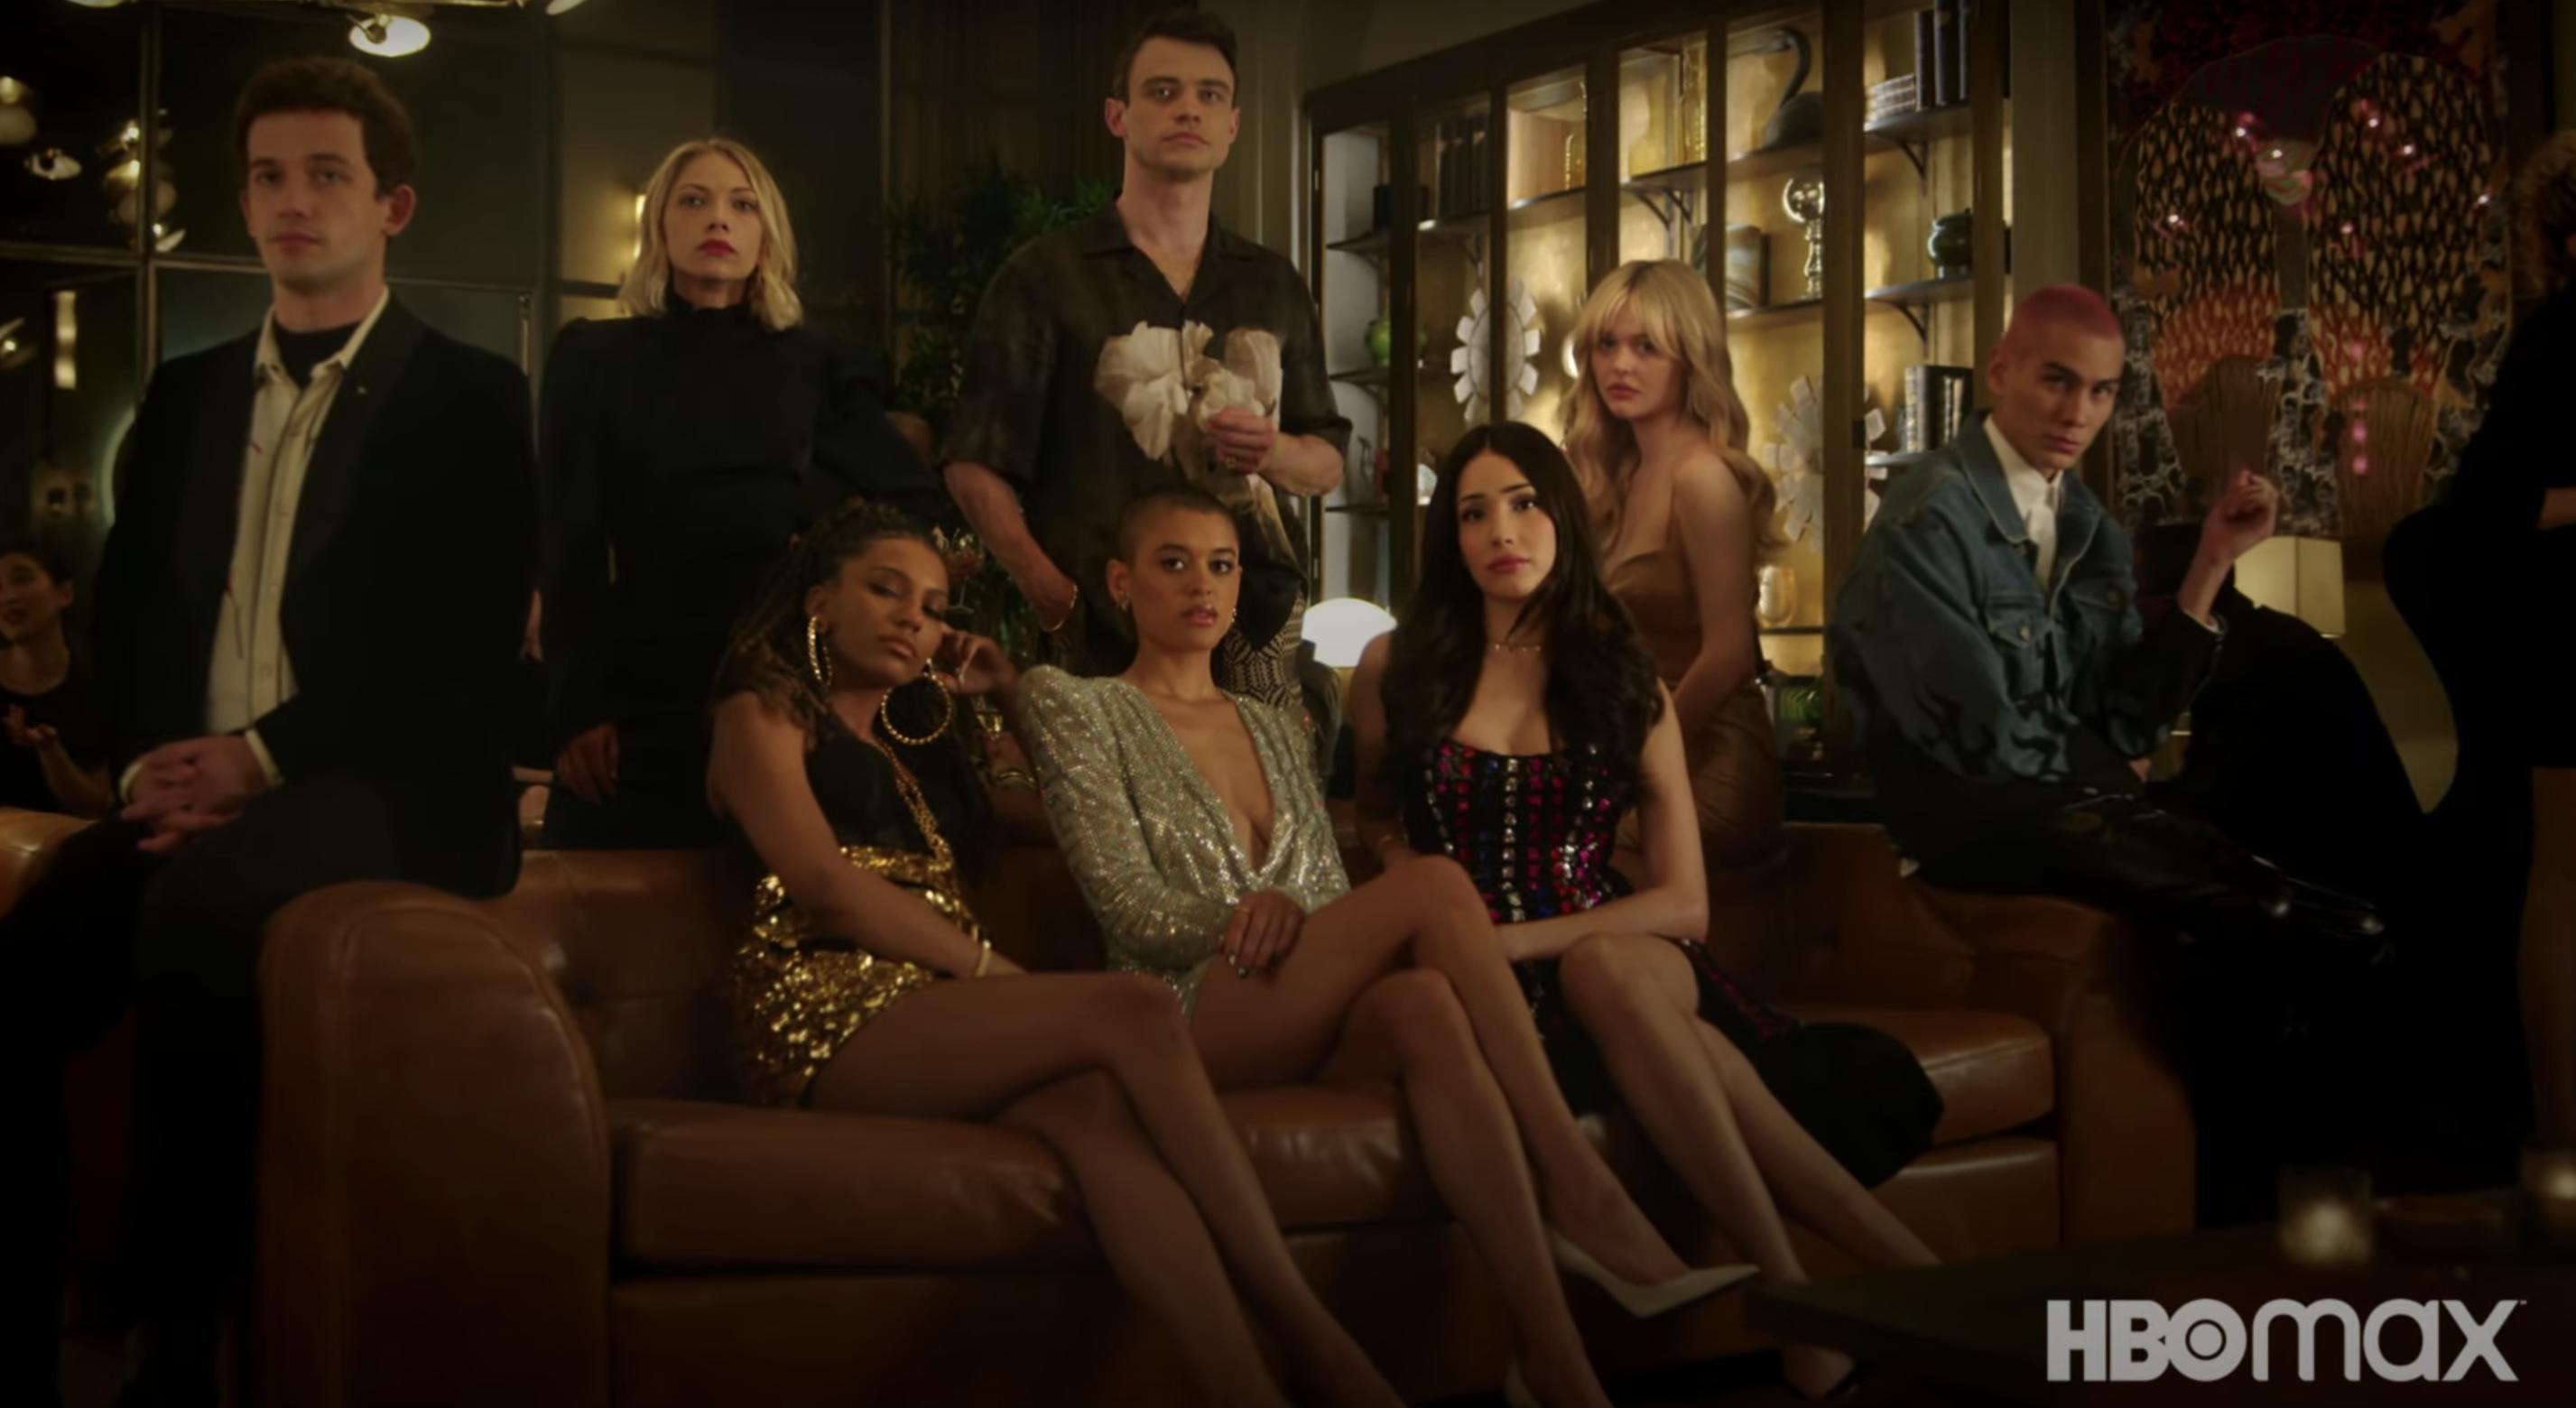 Cast of HBO Max's Gossip Girl